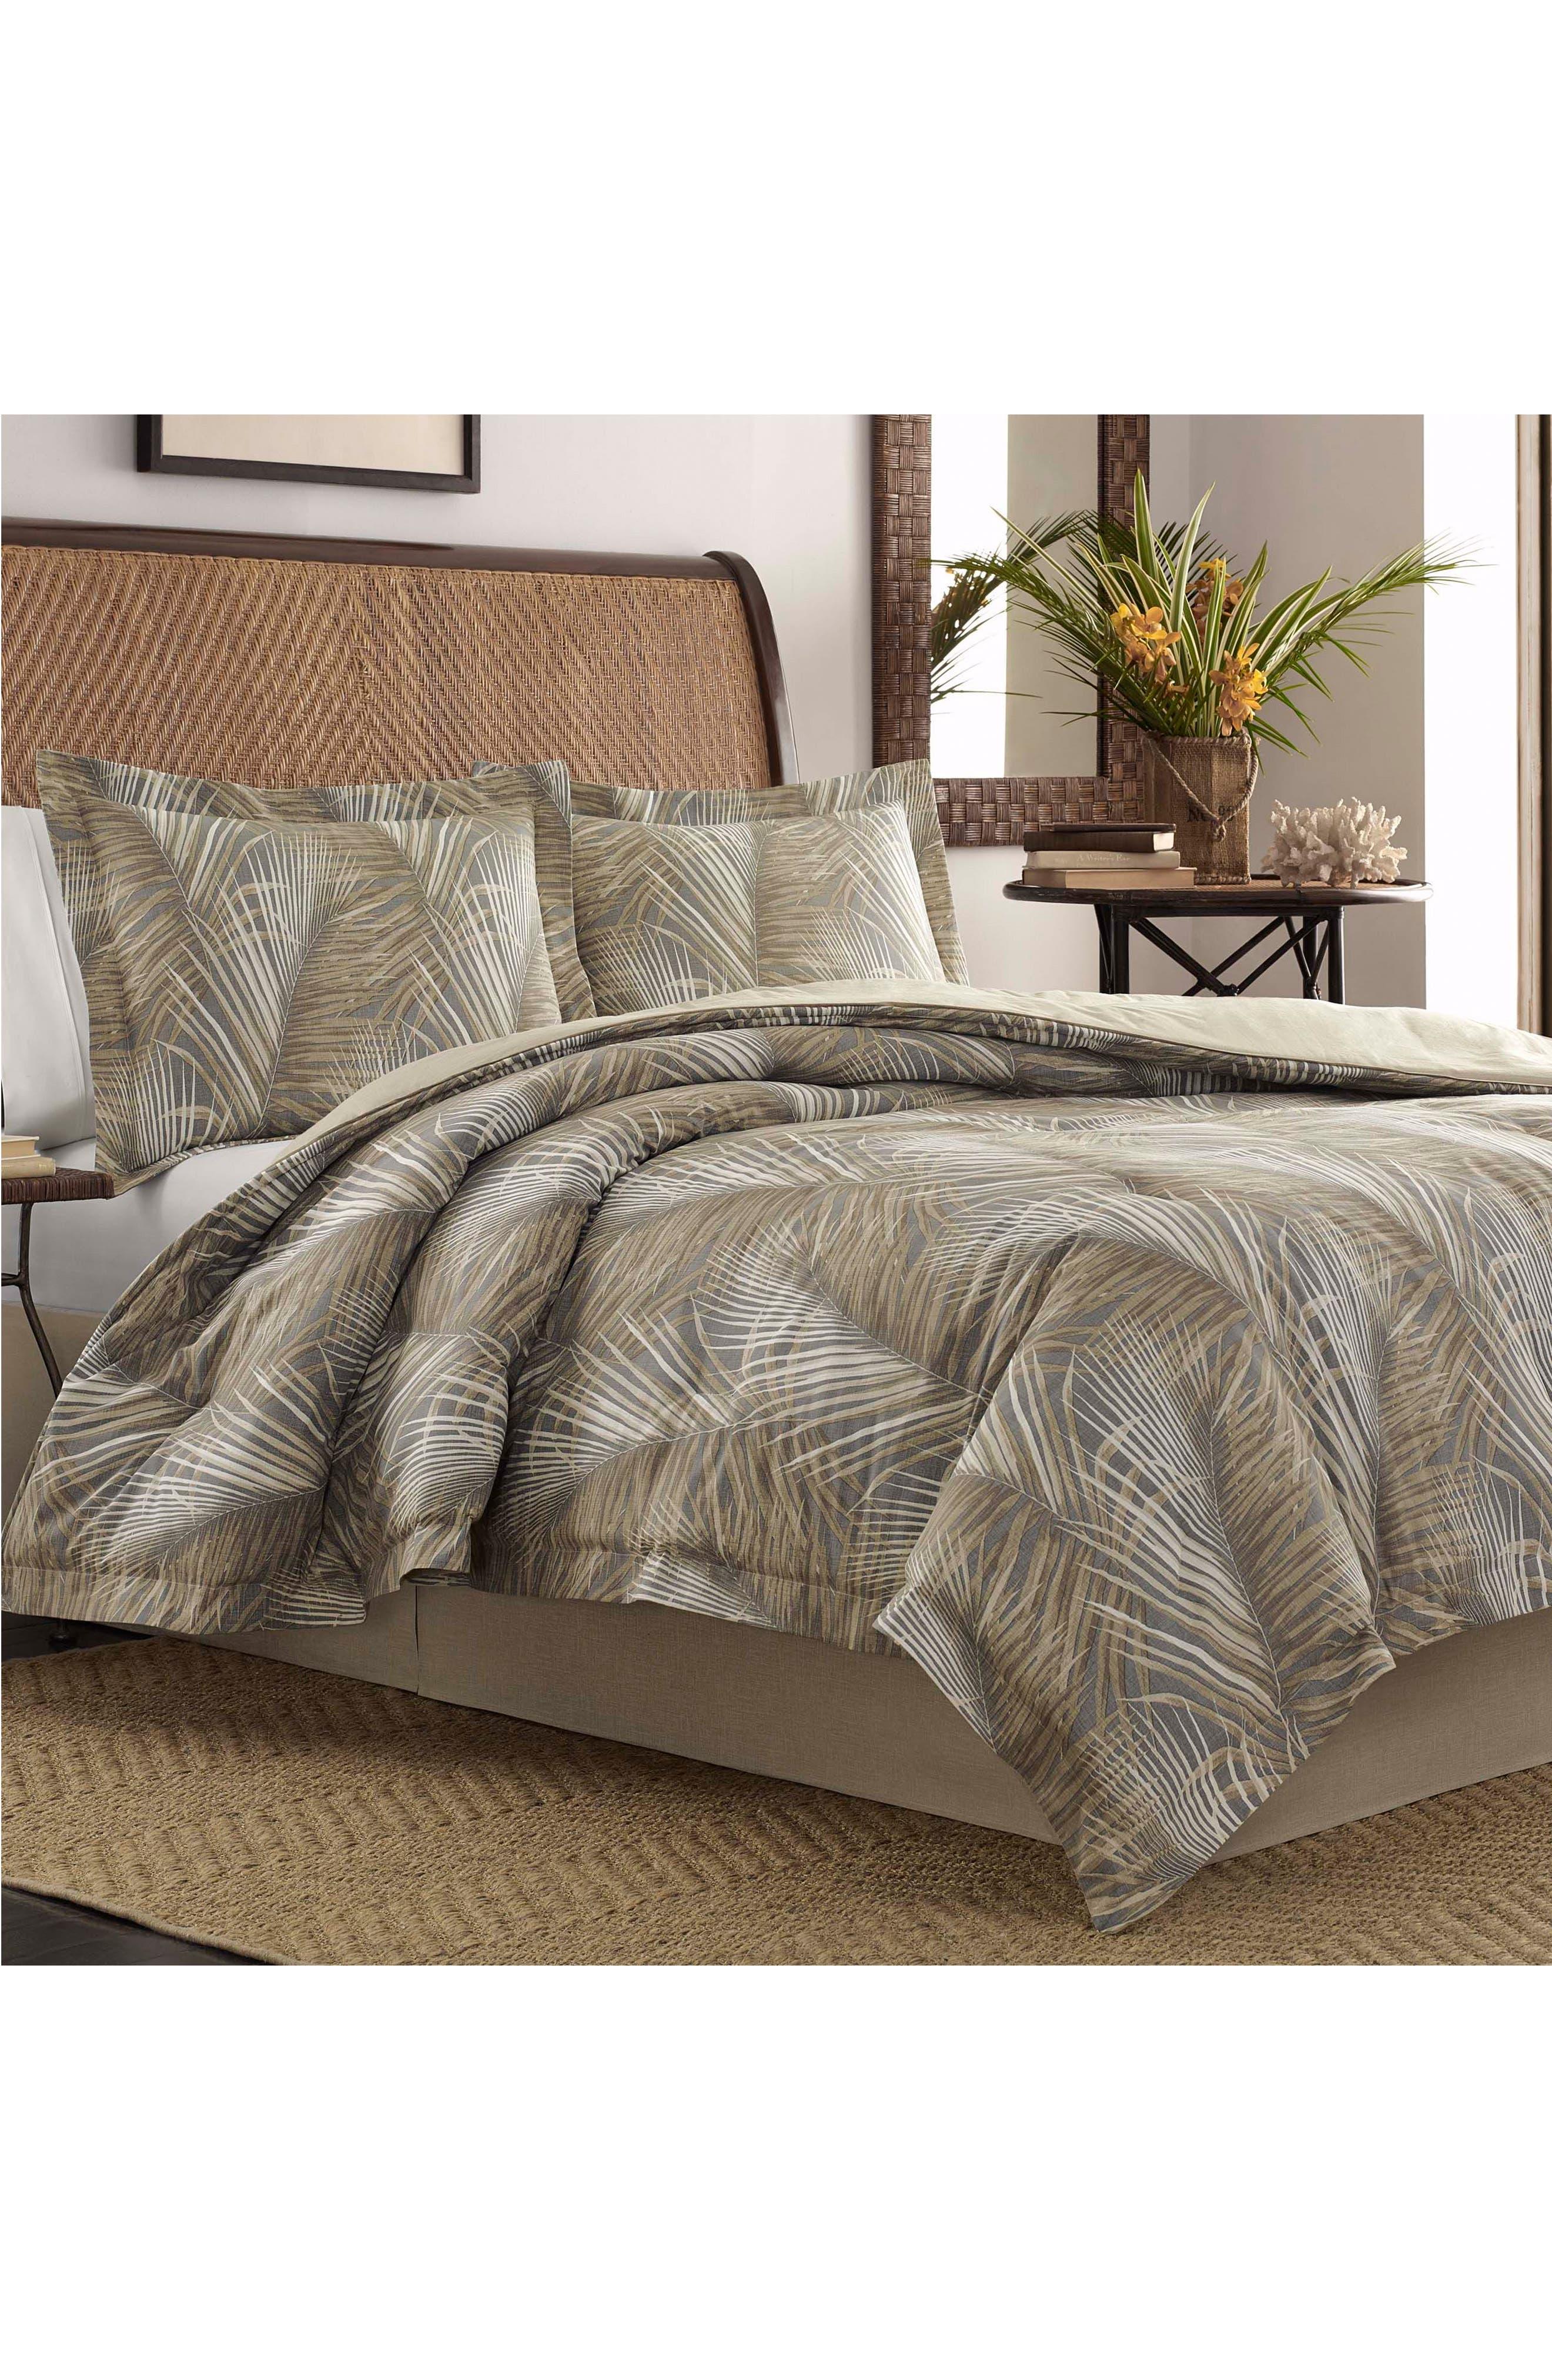 Alternate Image 1 Selected - Tommy Bahama Raffia Palms Comforter & Sham Set